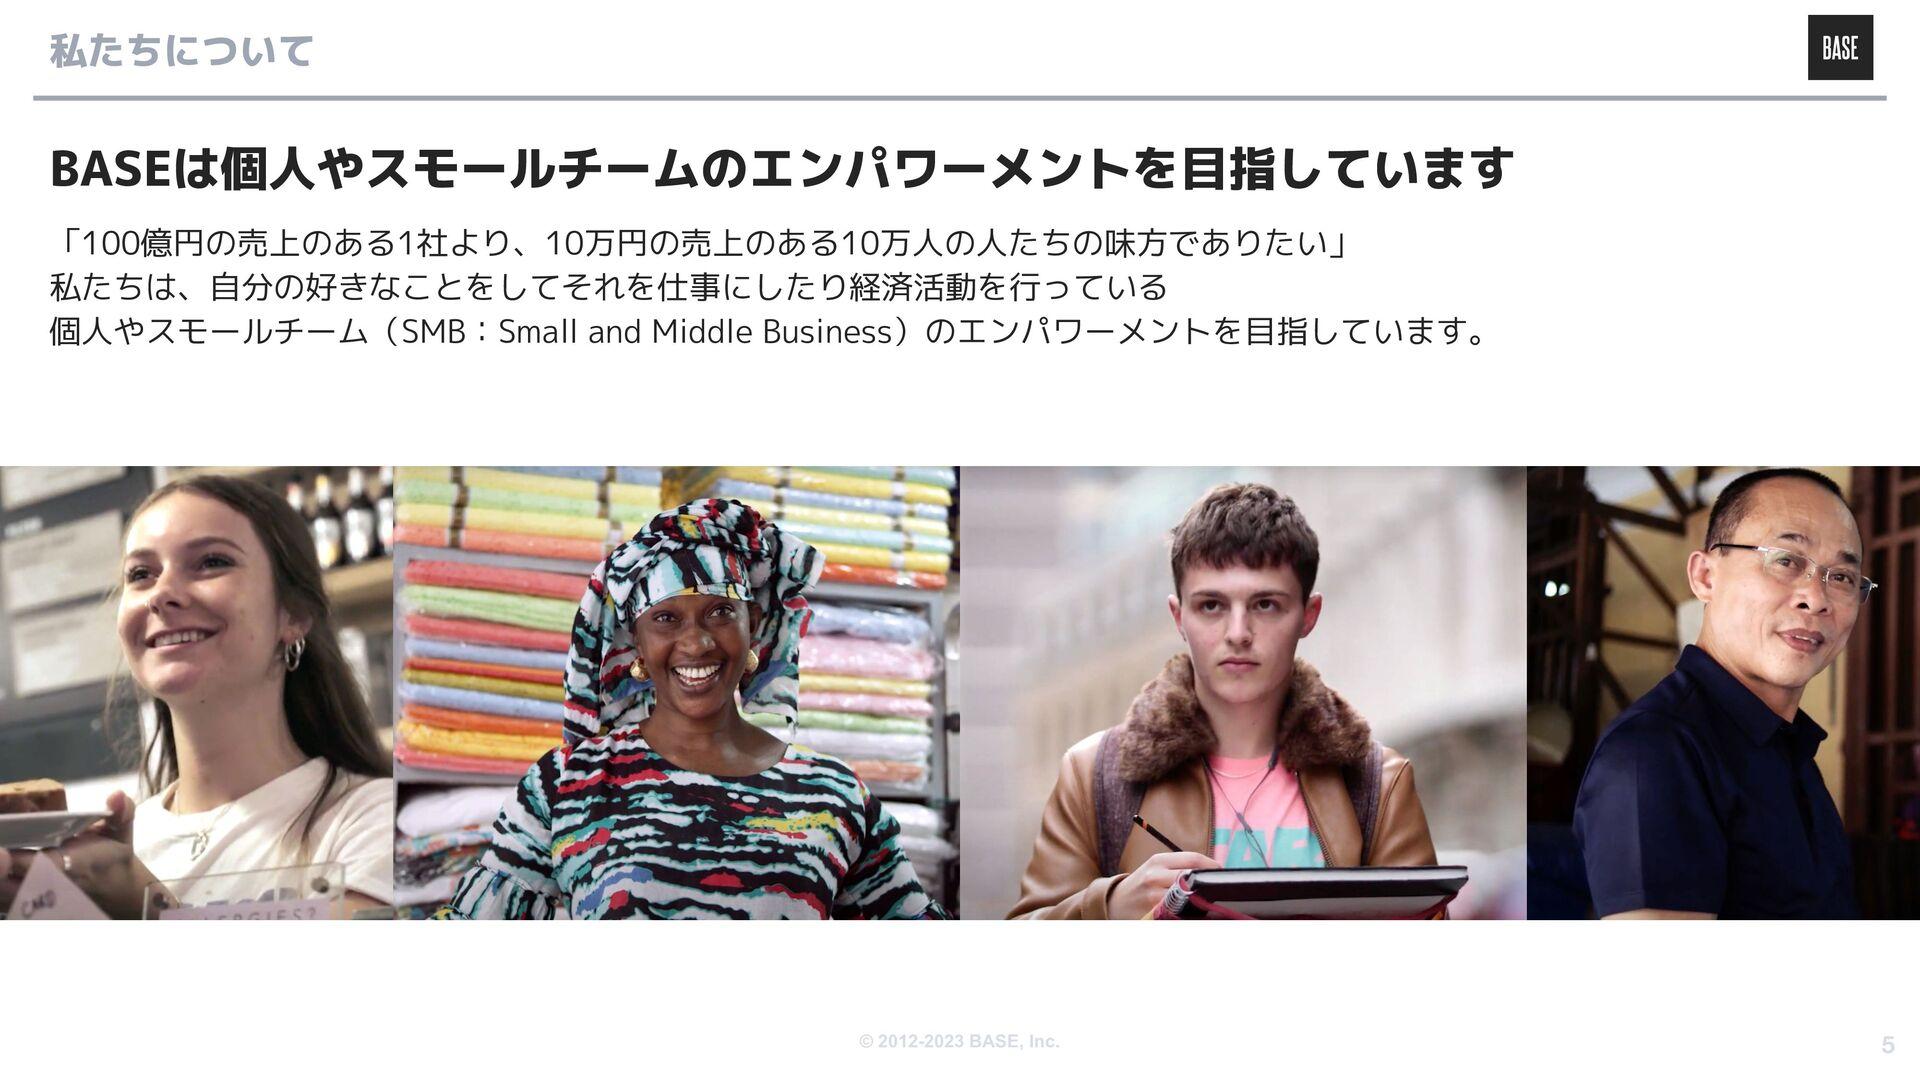 © 2012-2020 BASE, Inc. 5 プロダクト・事業 について